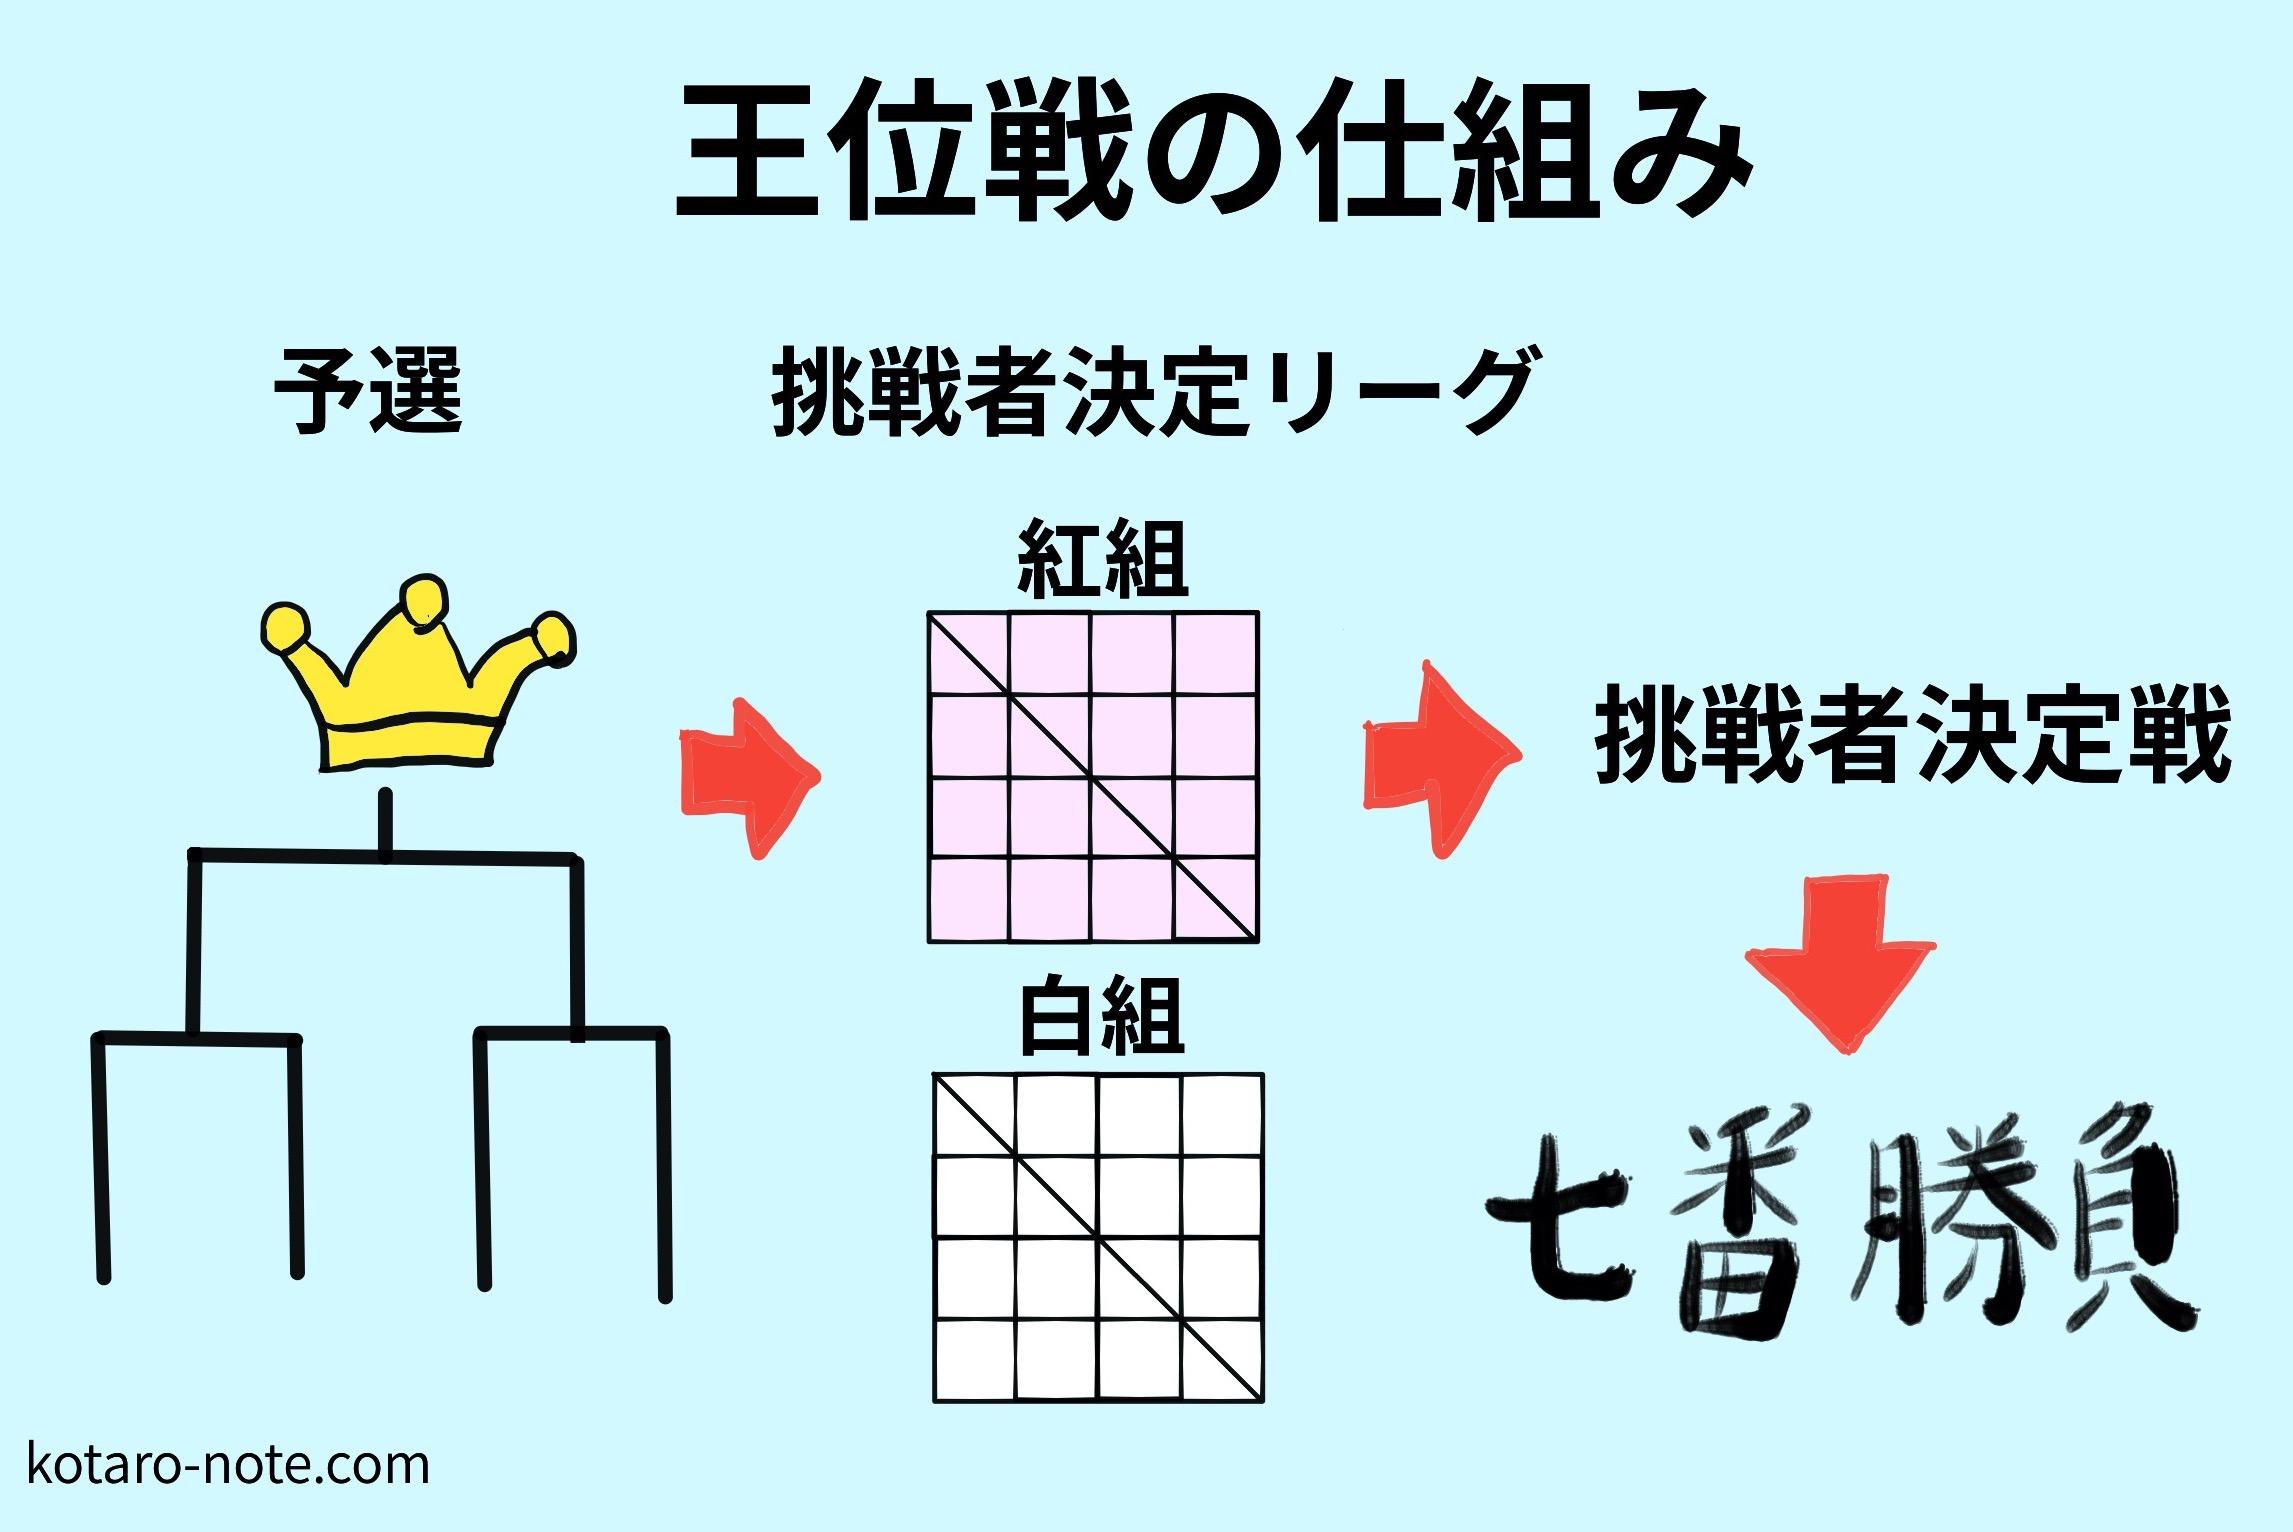 将棋の王位戦の仕組み